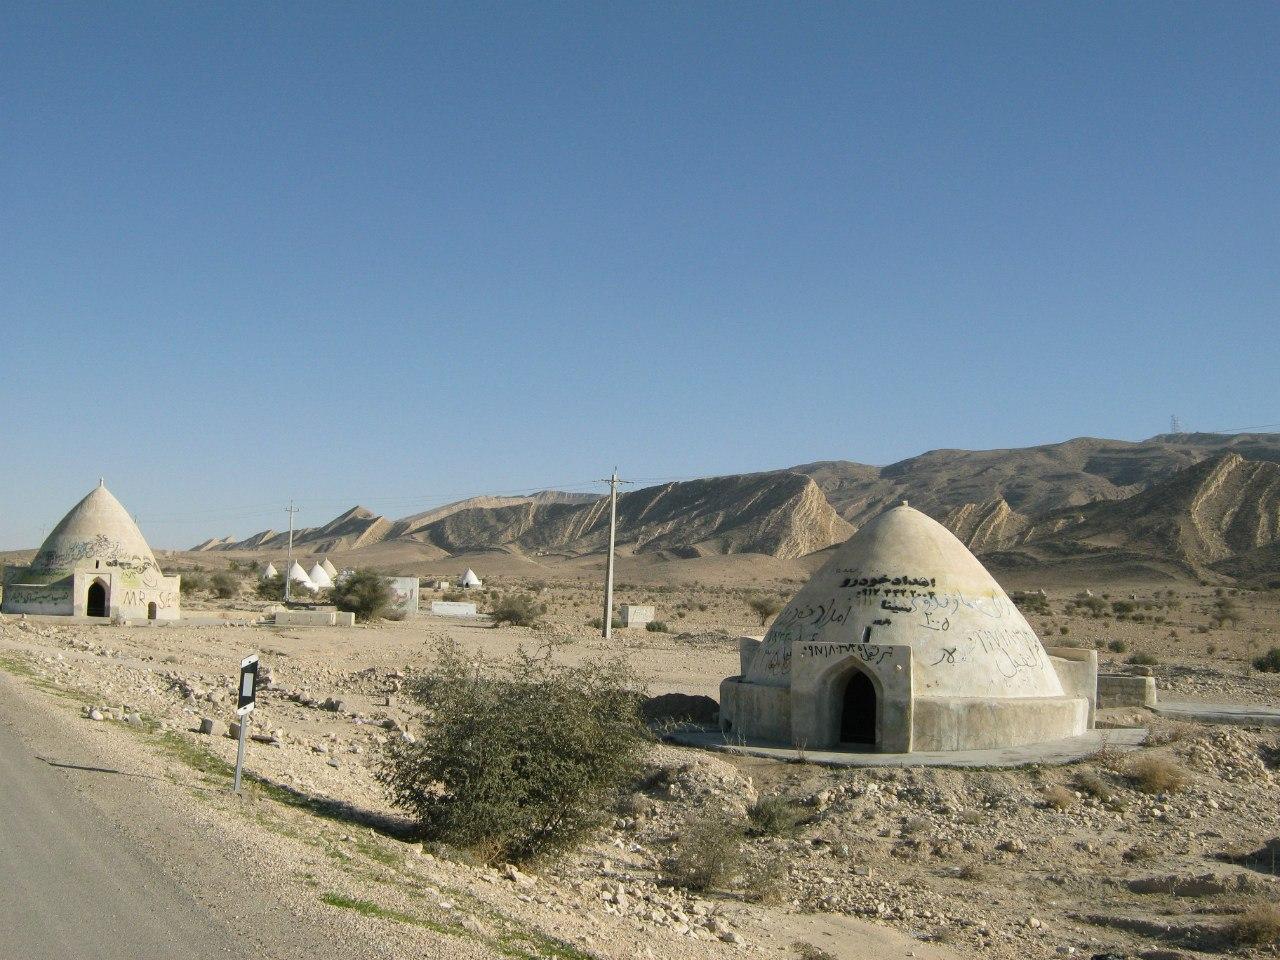 Скопление резервуаров для воды в Иране